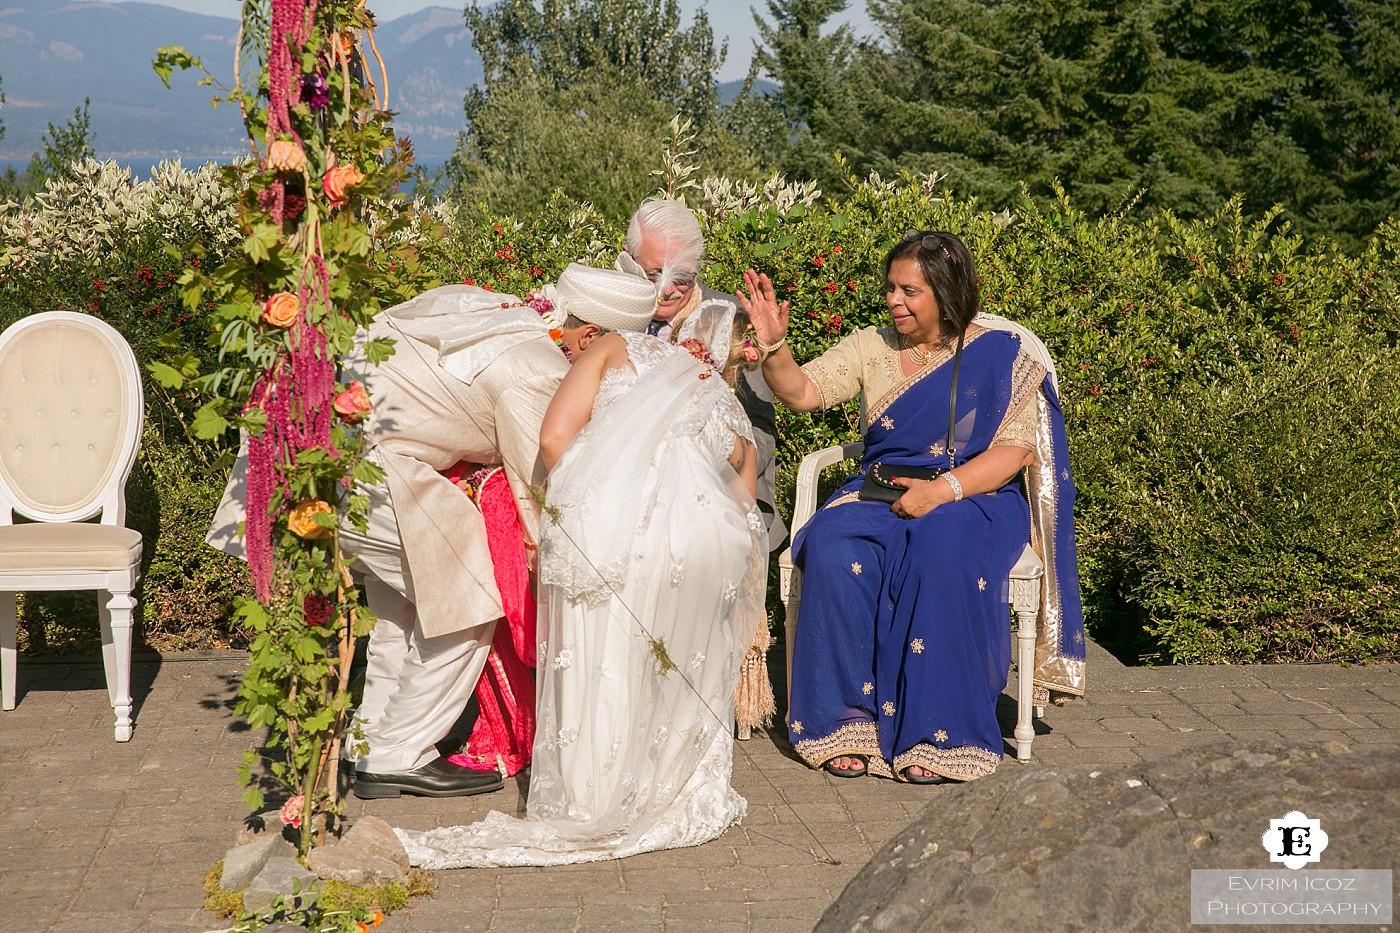 Indian Wedding at Skamania Lodge